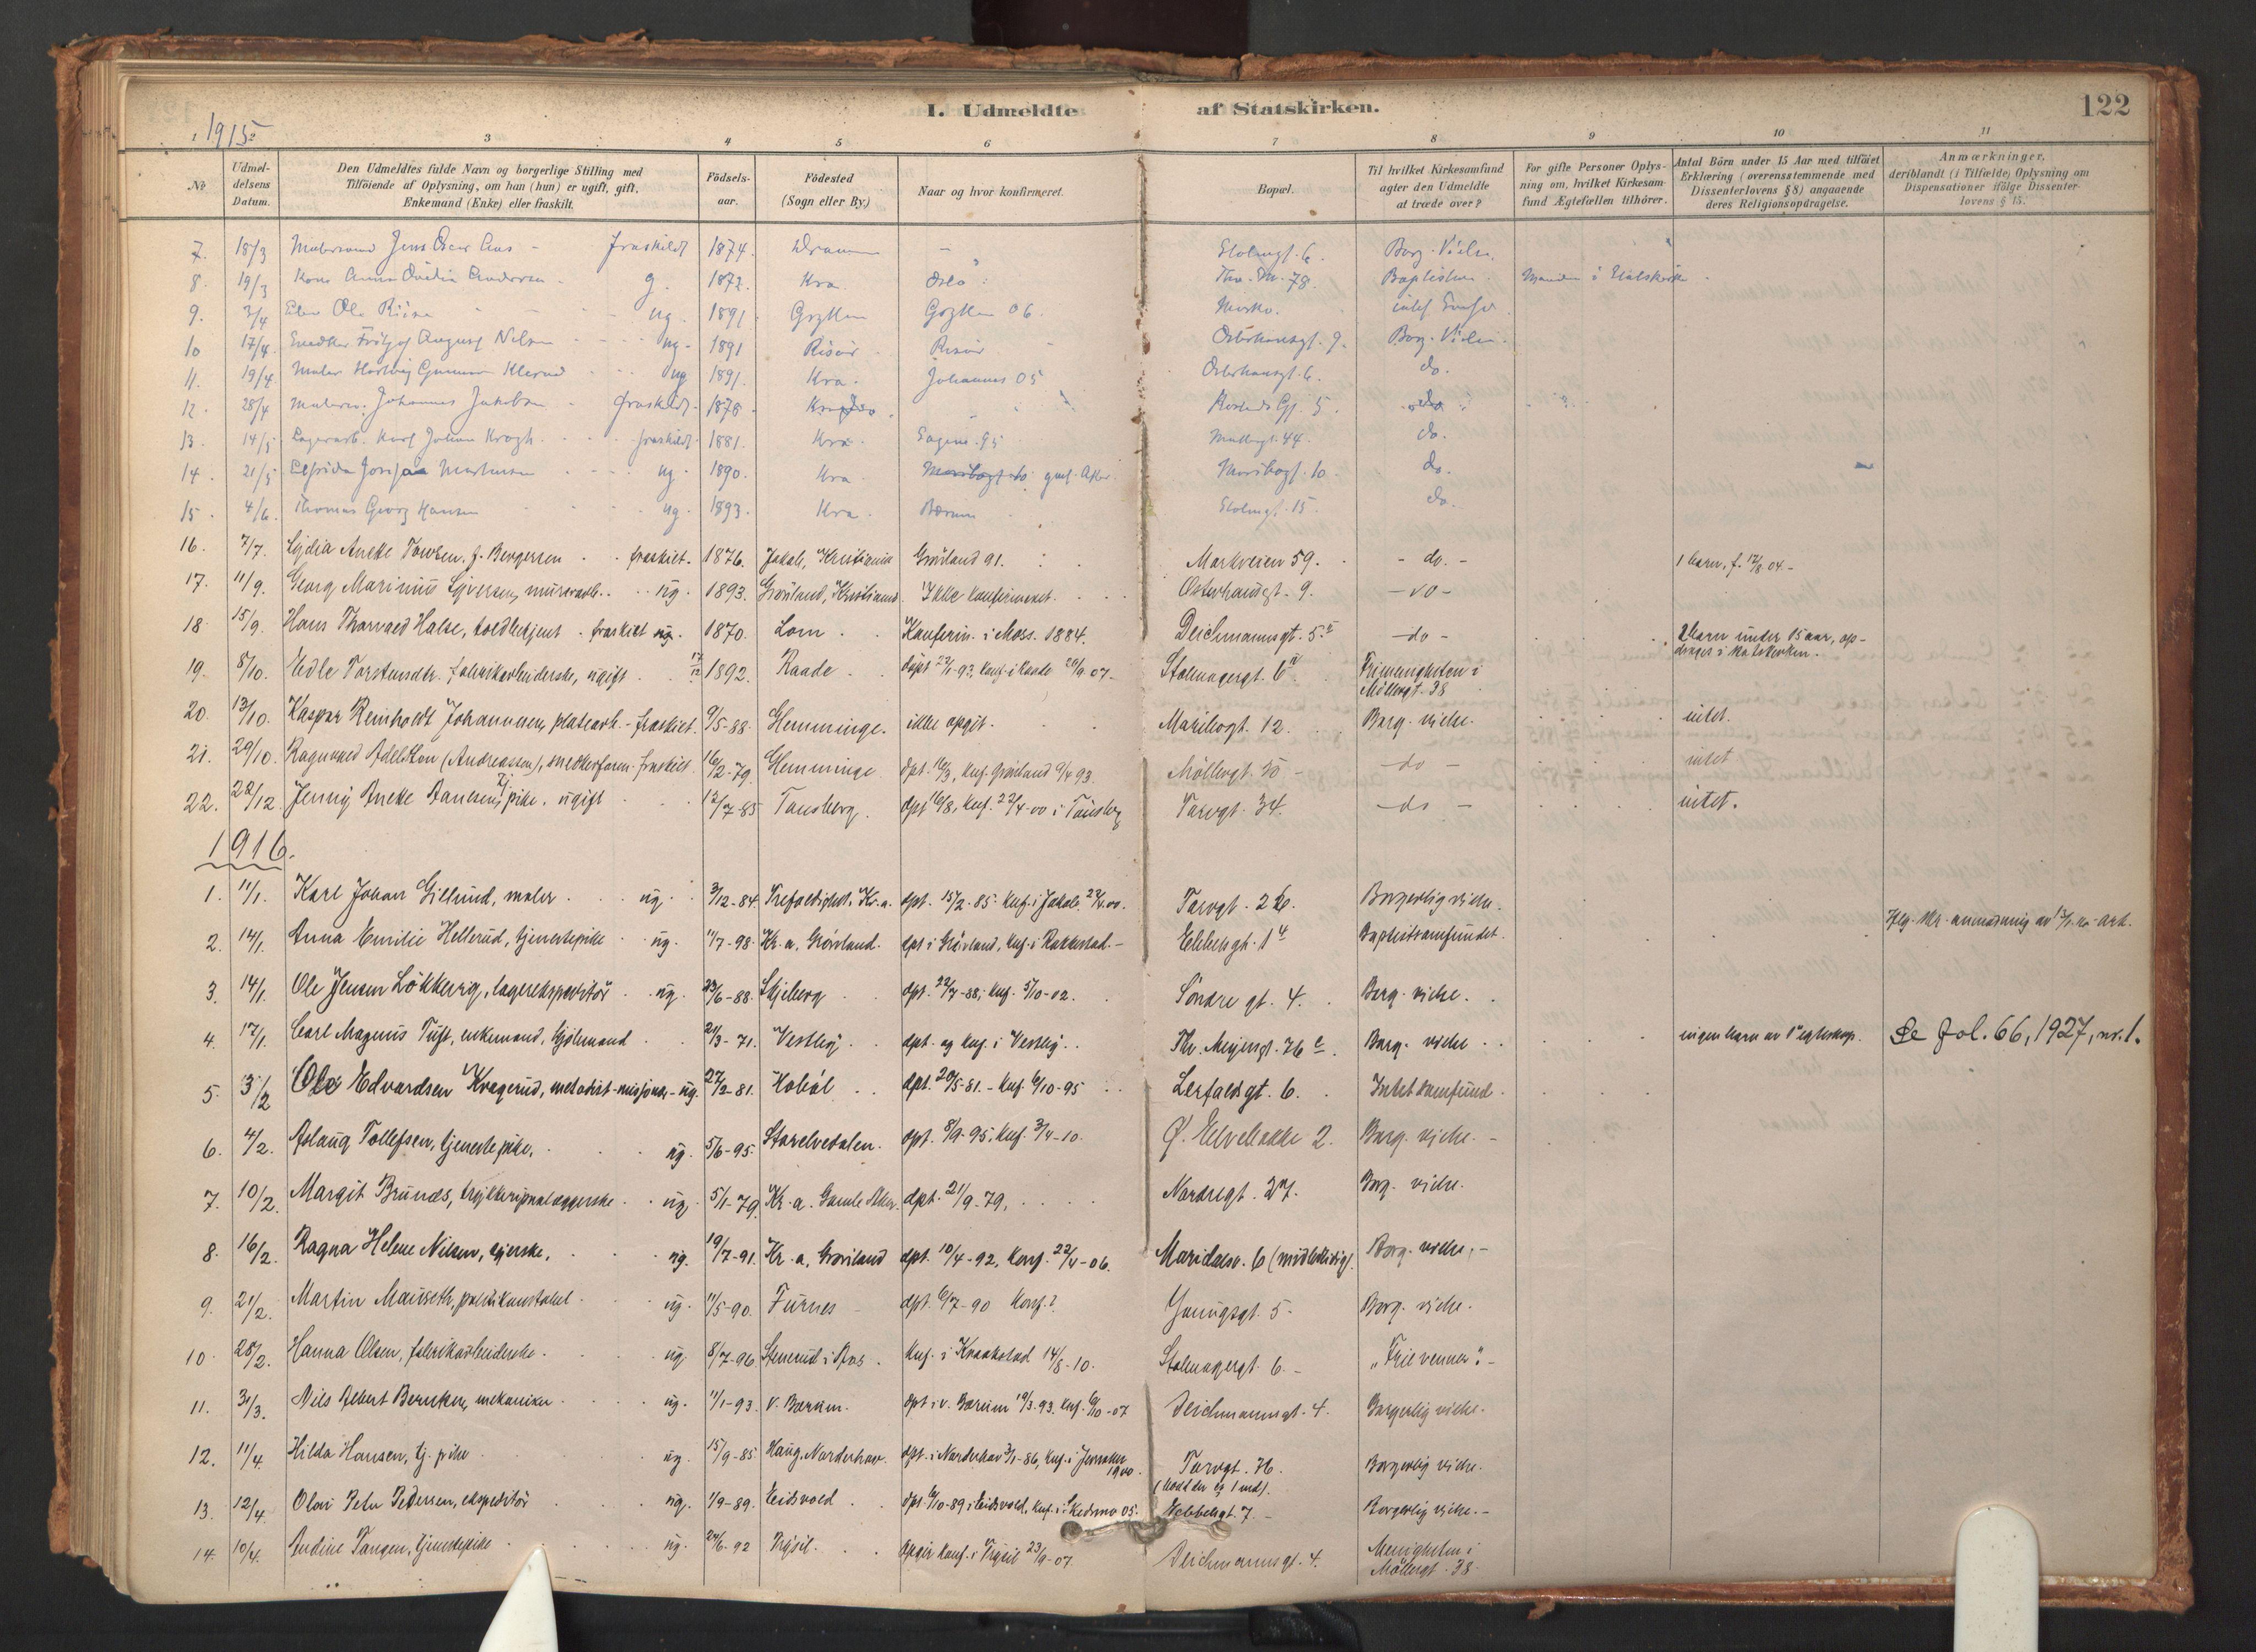 SAO, Jakob prestekontor Kirkebøker, F/Fa/L0015: Ministerialbok nr. 15, 1878-1983, s. 122